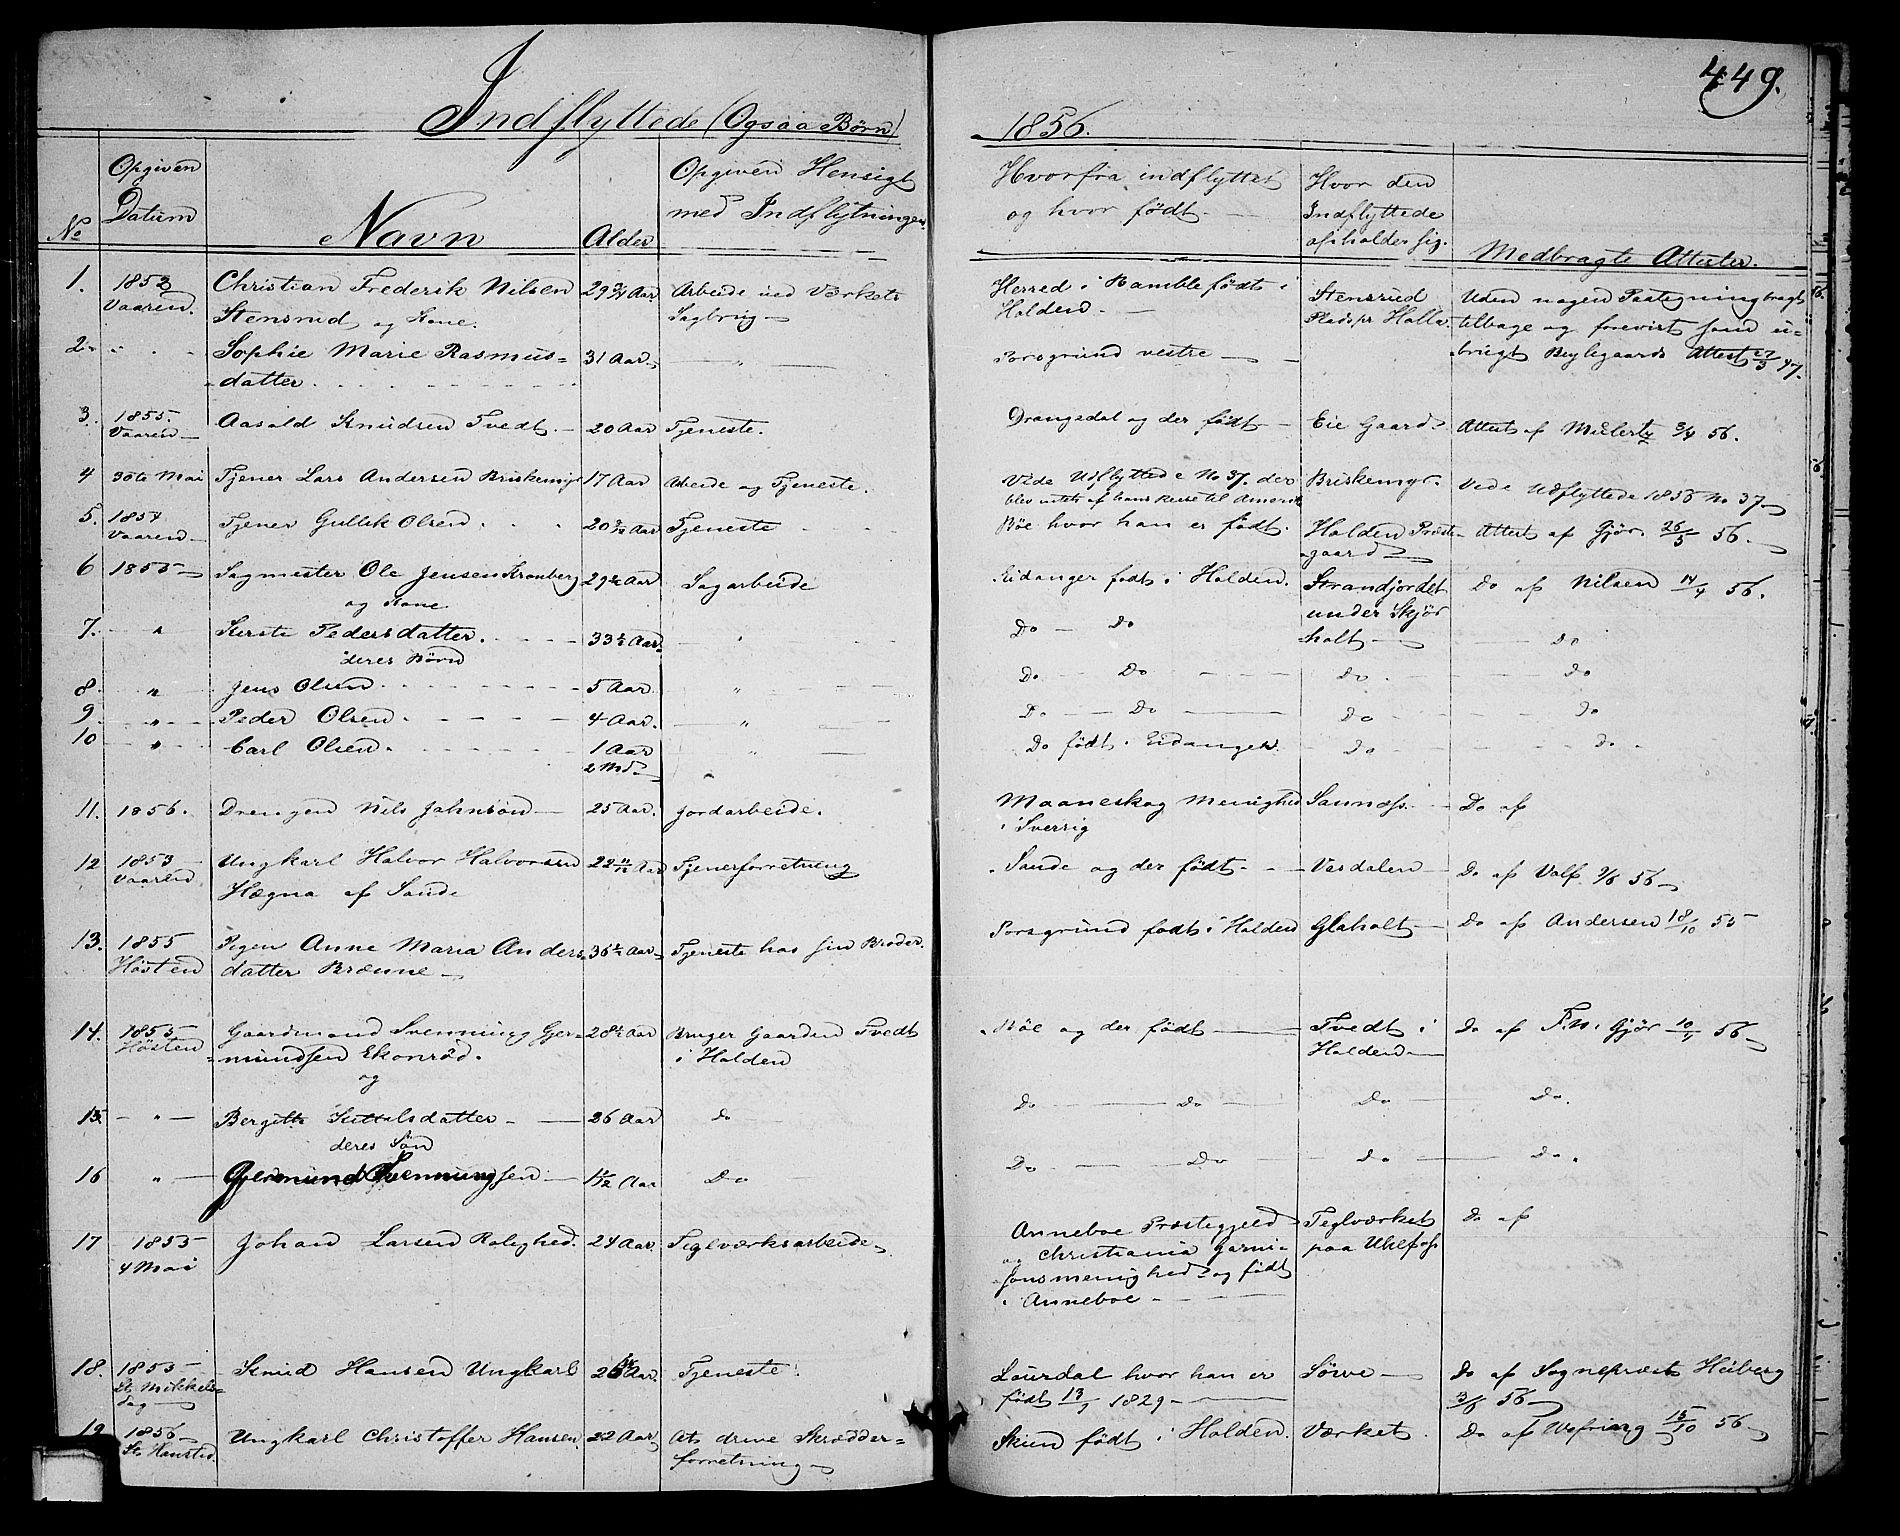 SAKO, Holla kirkebøker, G/Ga/L0003: Klokkerbok nr. I 3, 1849-1866, s. 449